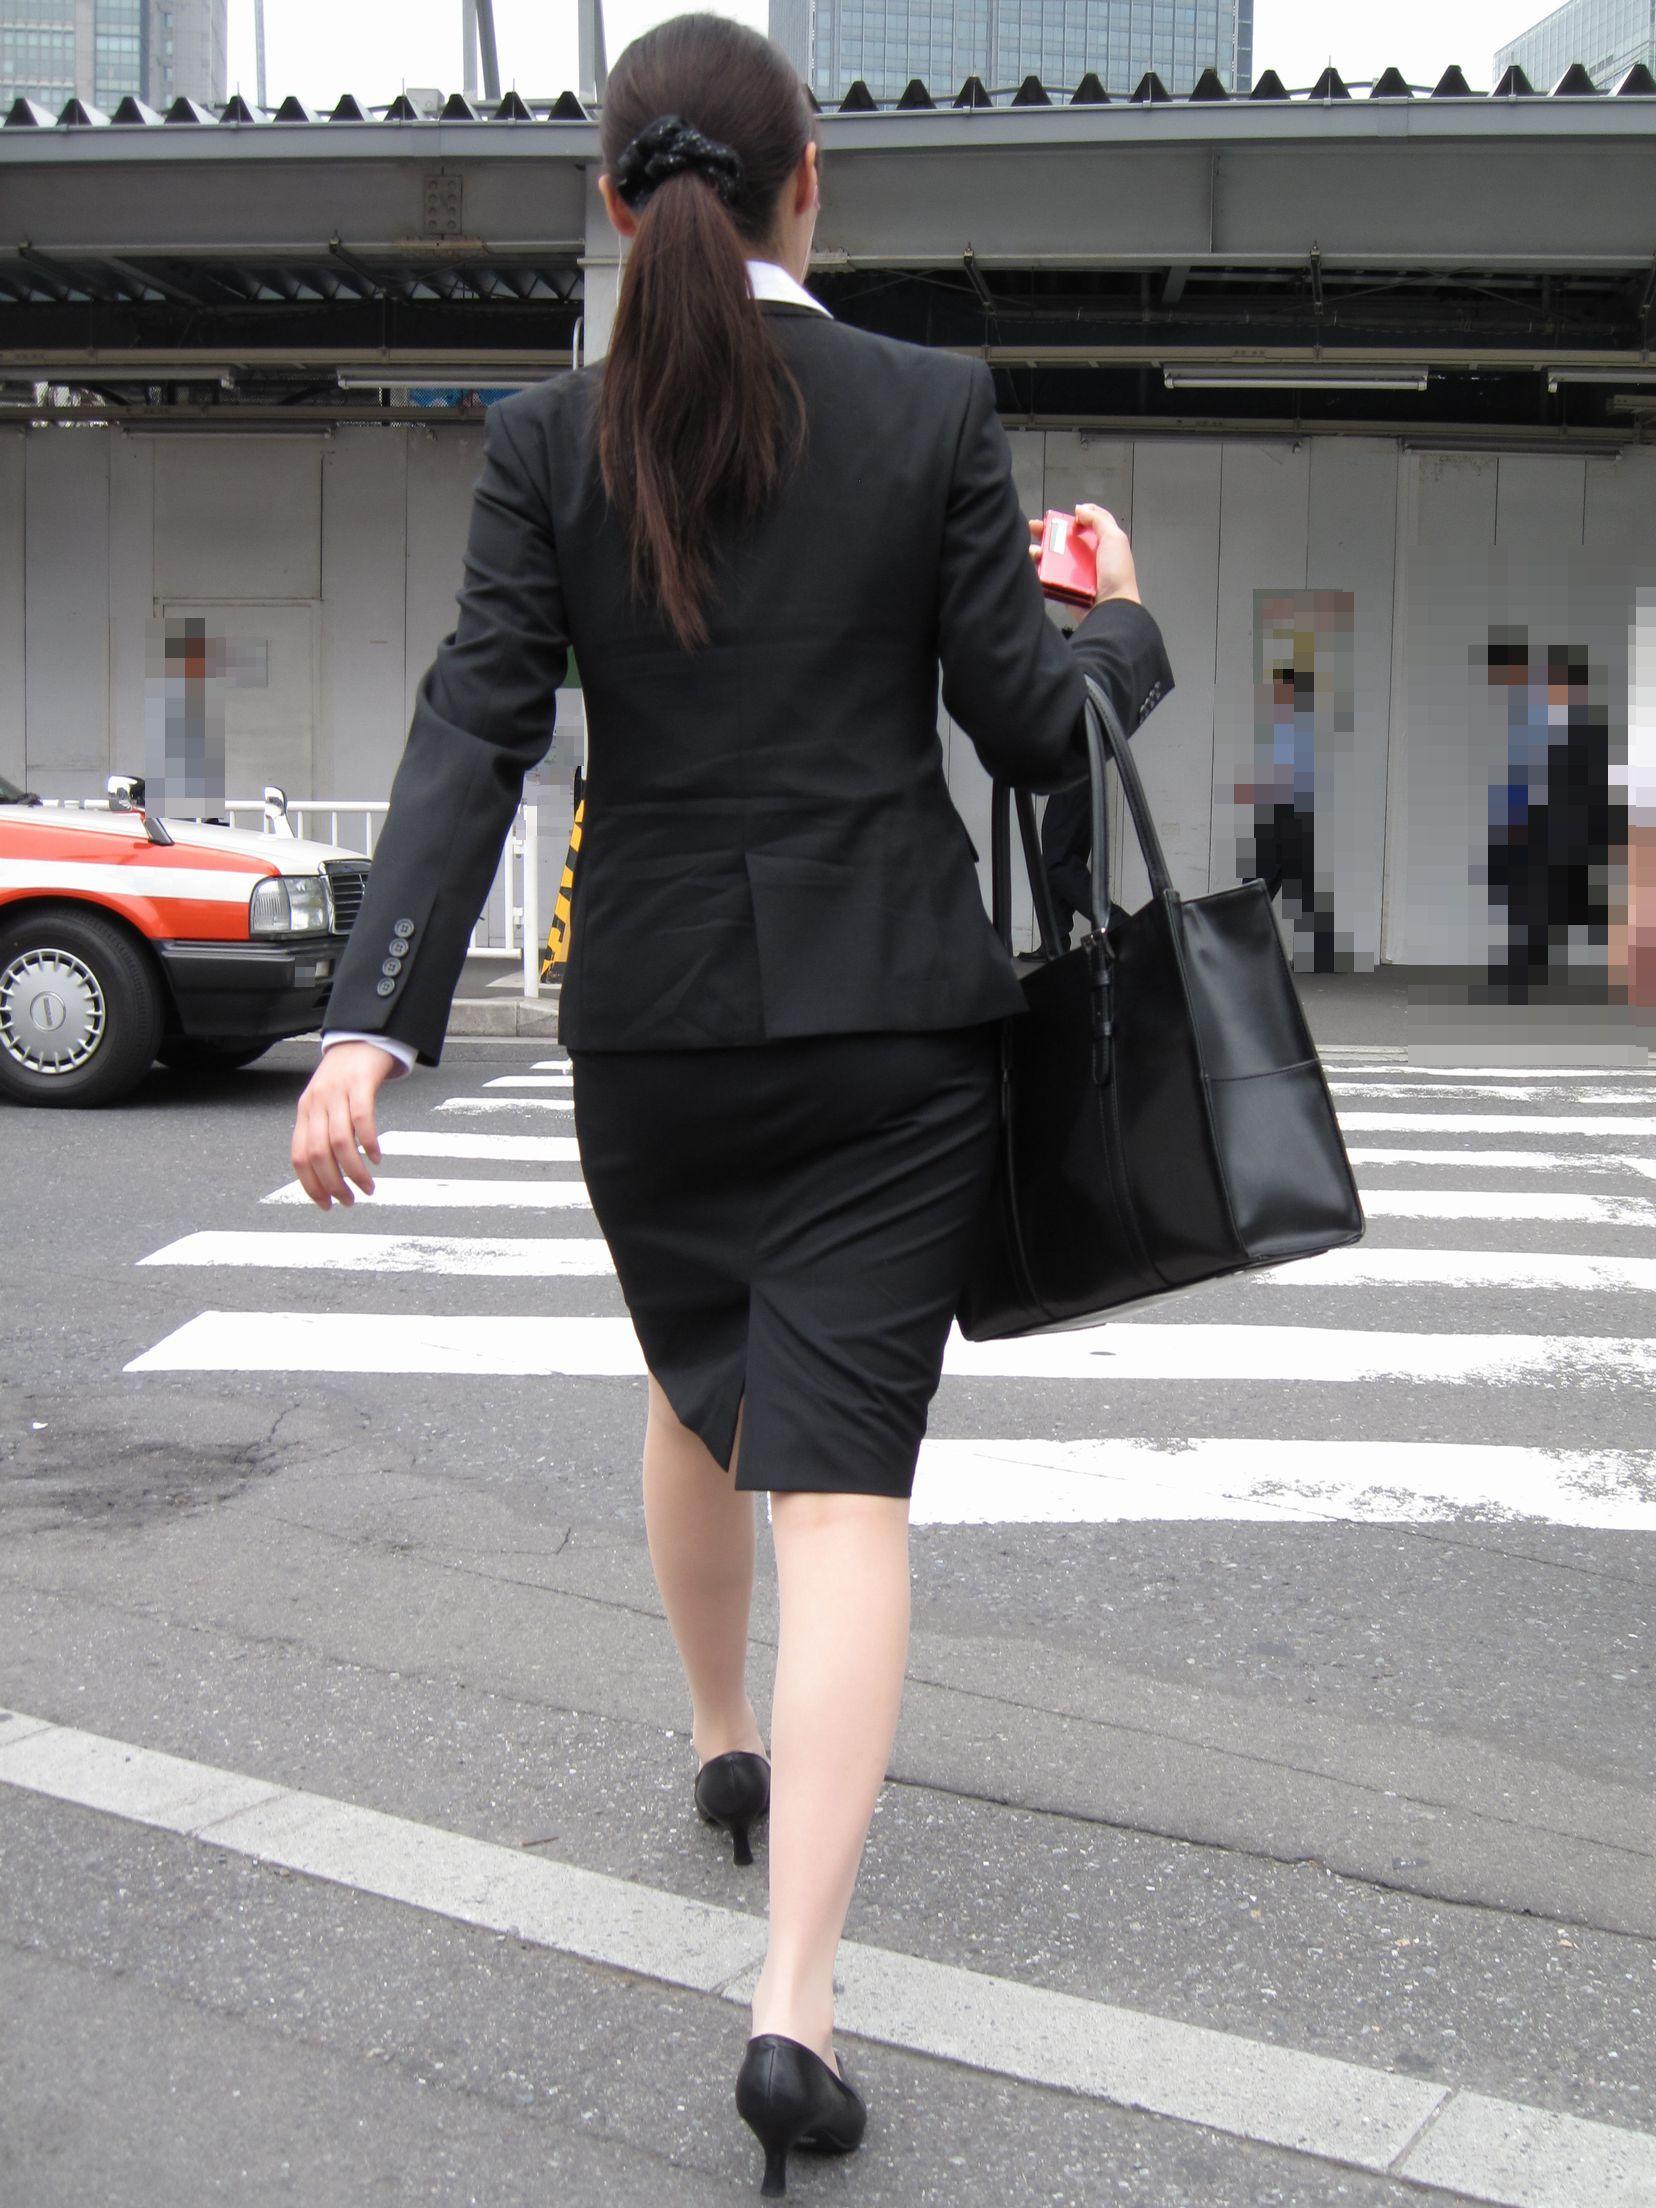 【街撮り画像】就活真っ只中なJDのリクスー尻と美脚を観察www 12